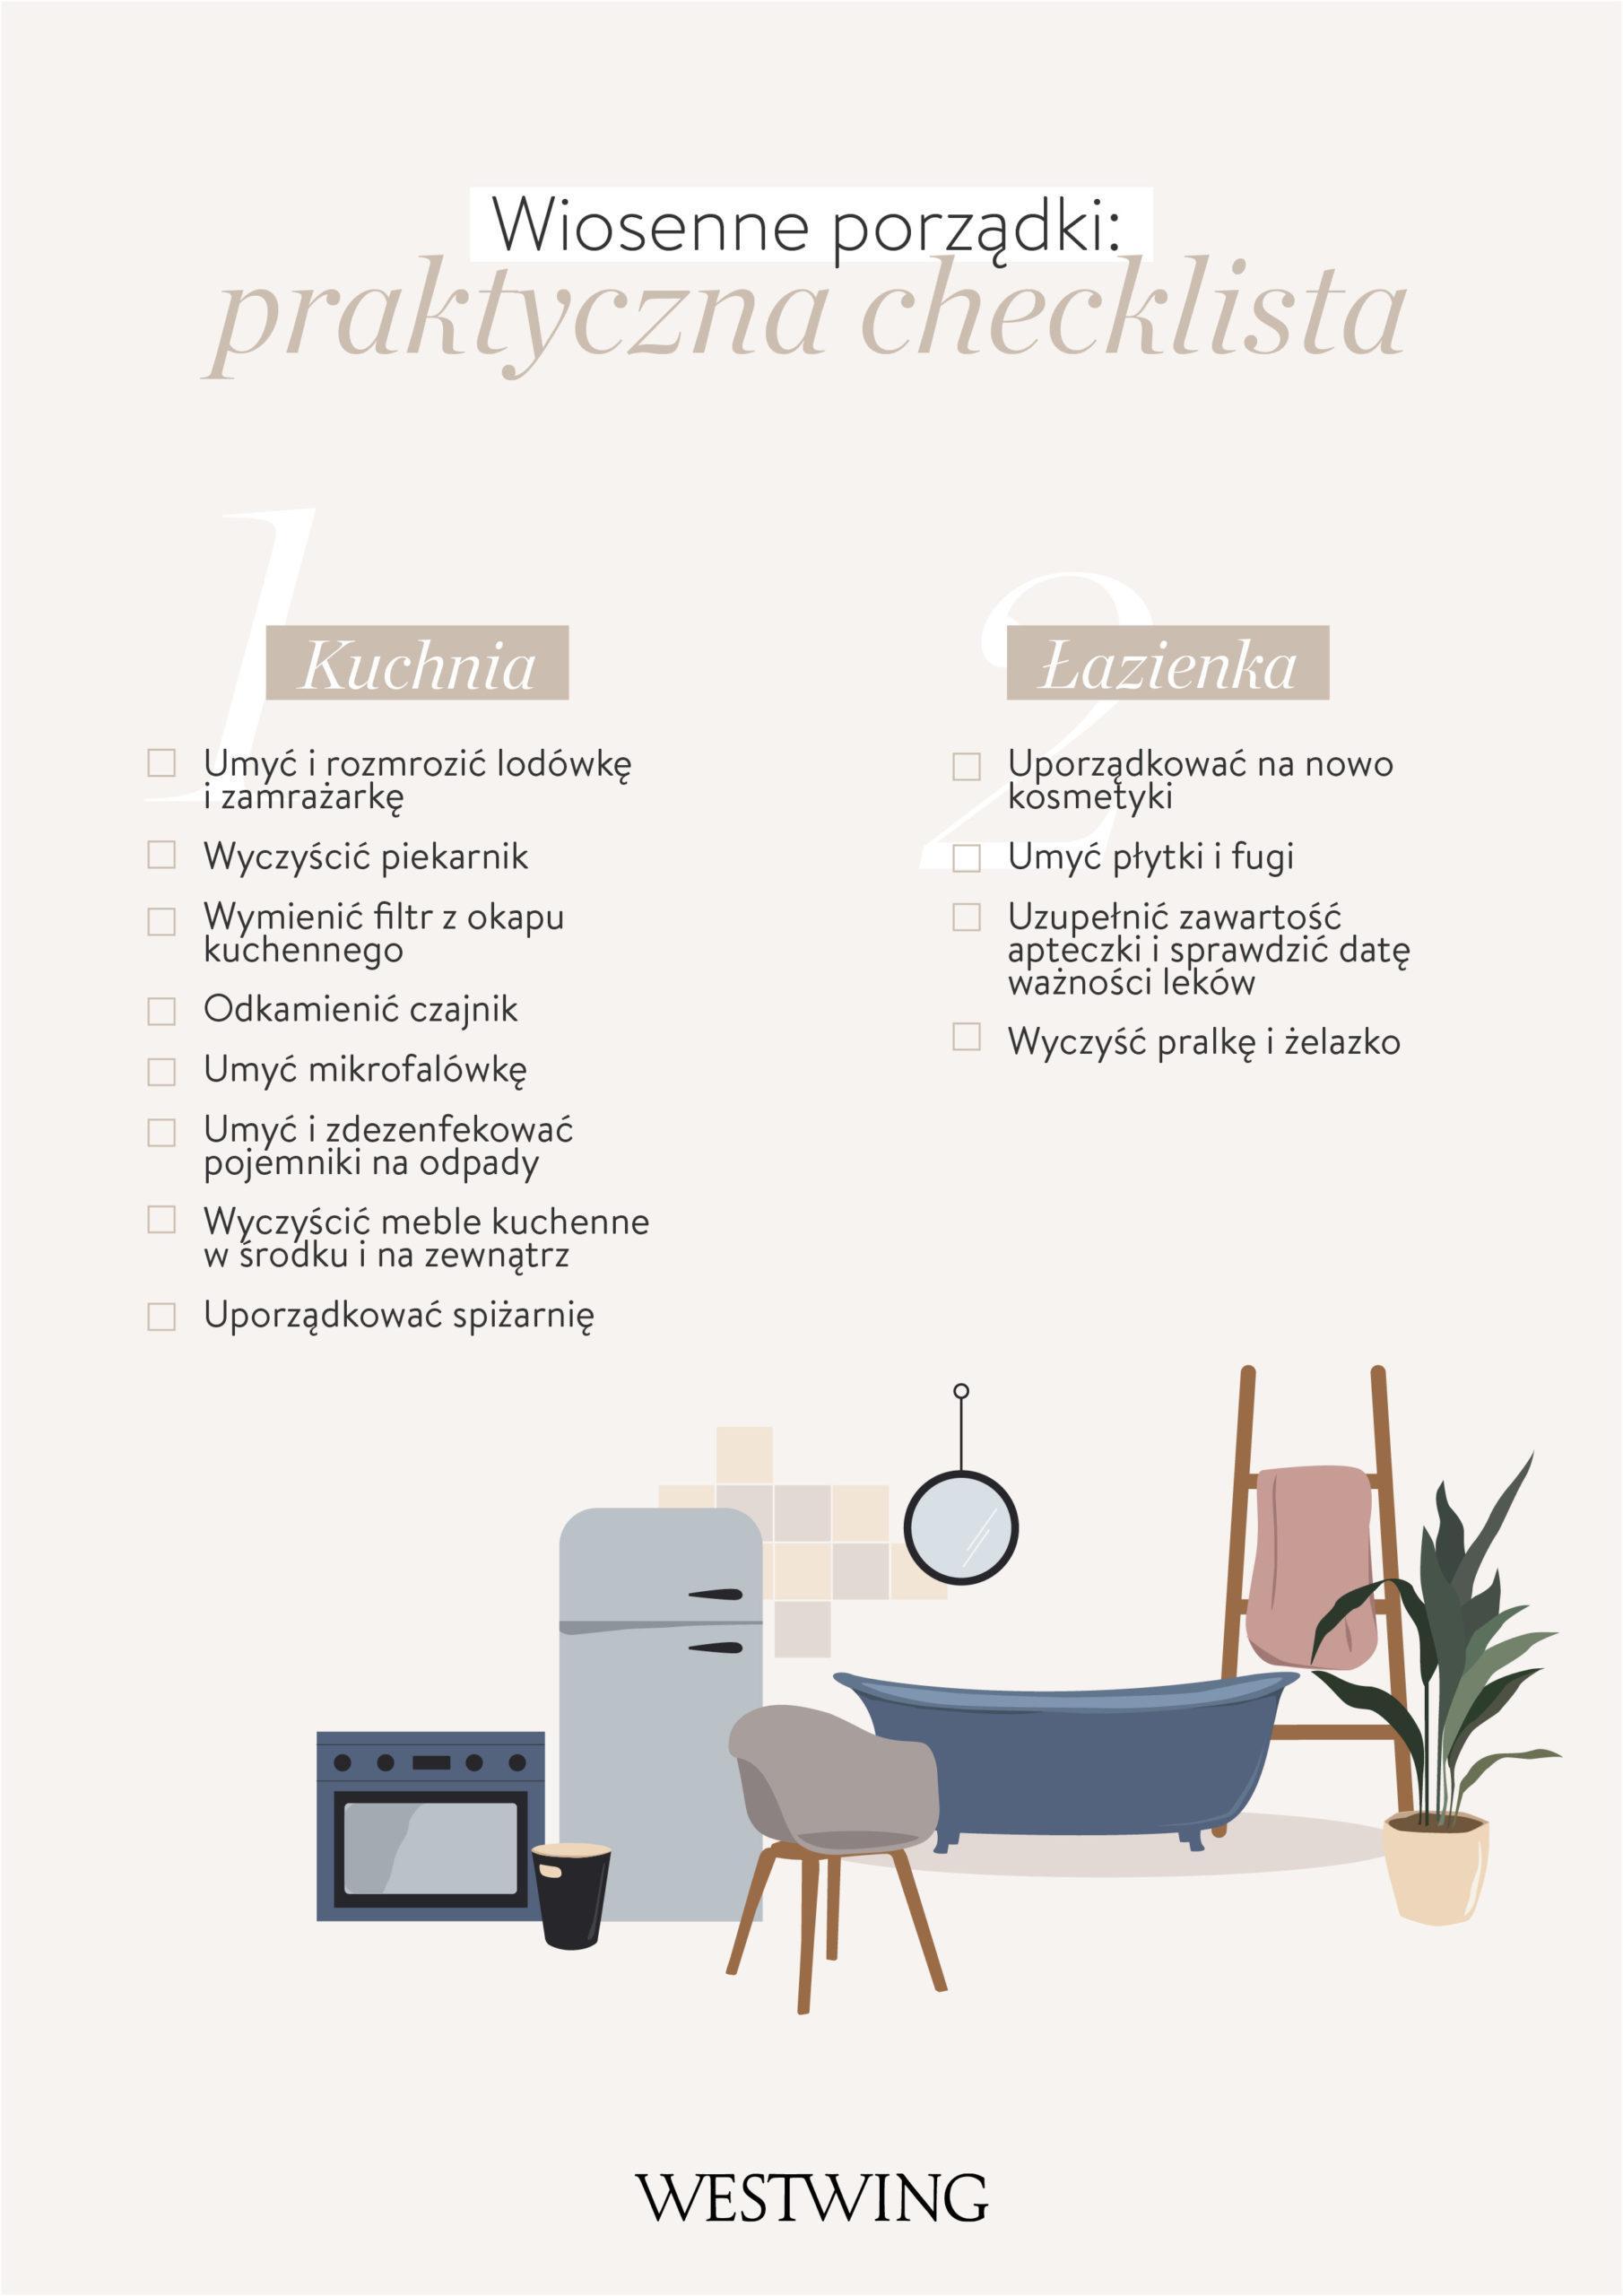 wiosenne porządki checklista salon